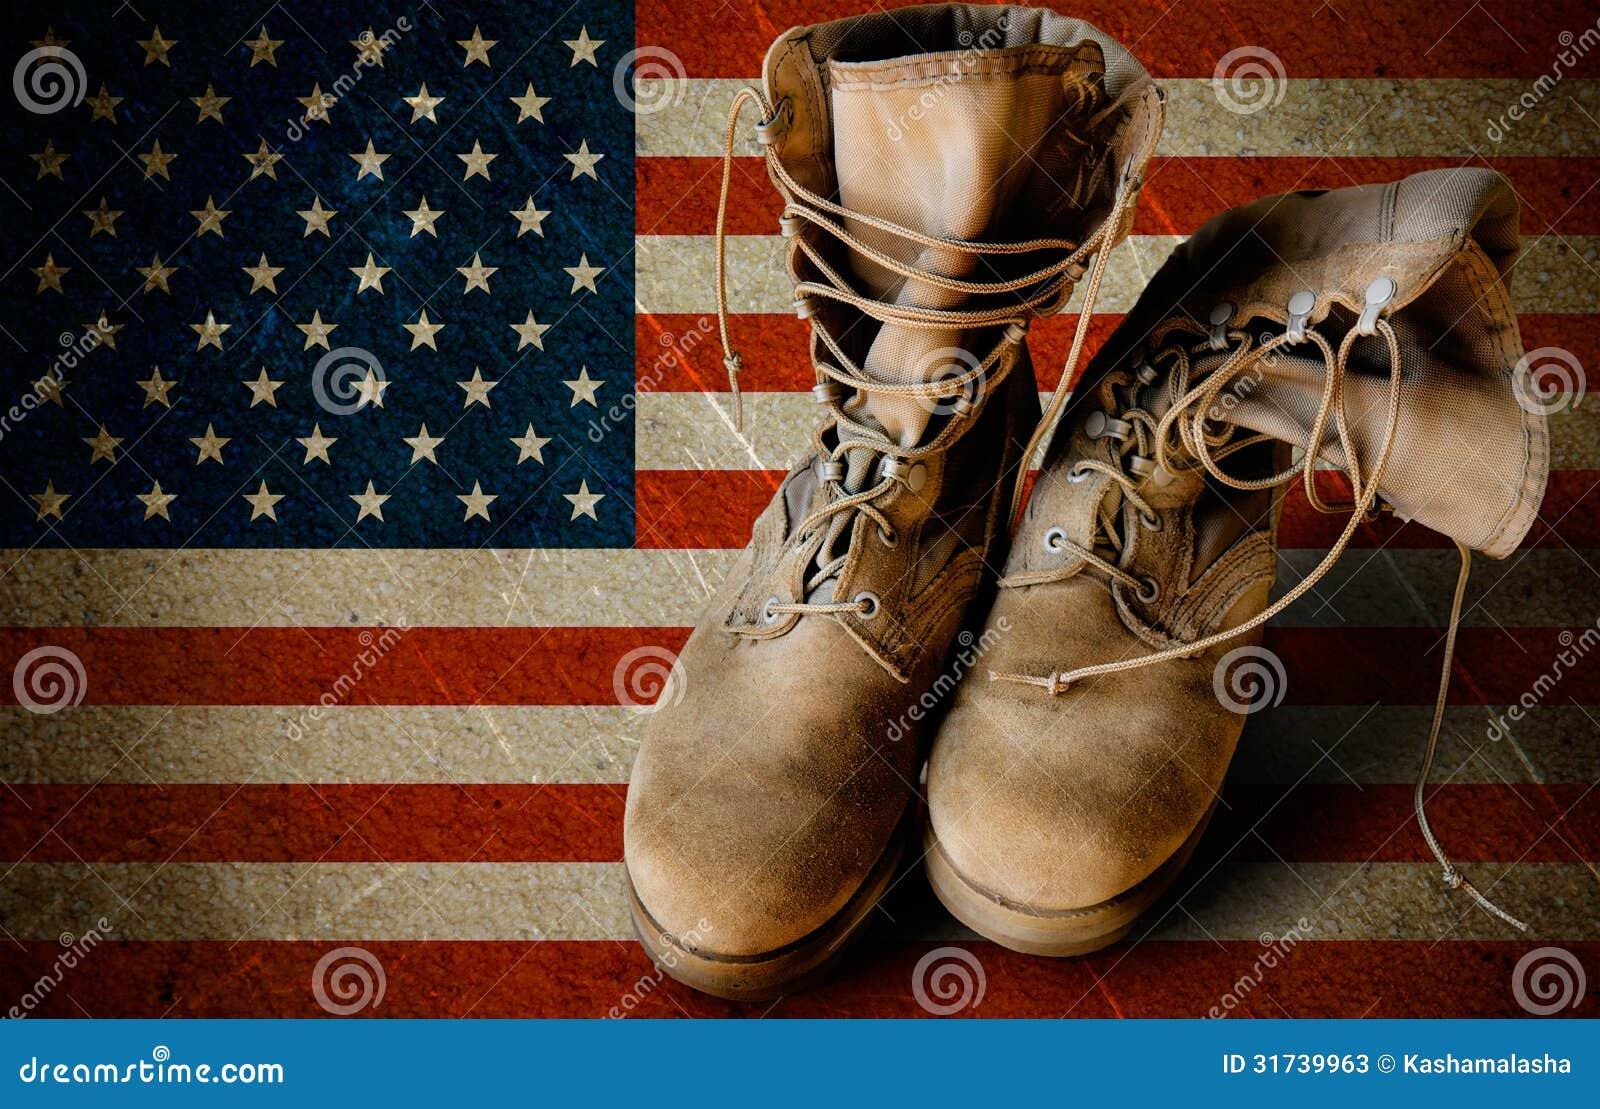 Botas do exército no fundo arenoso da bandeira